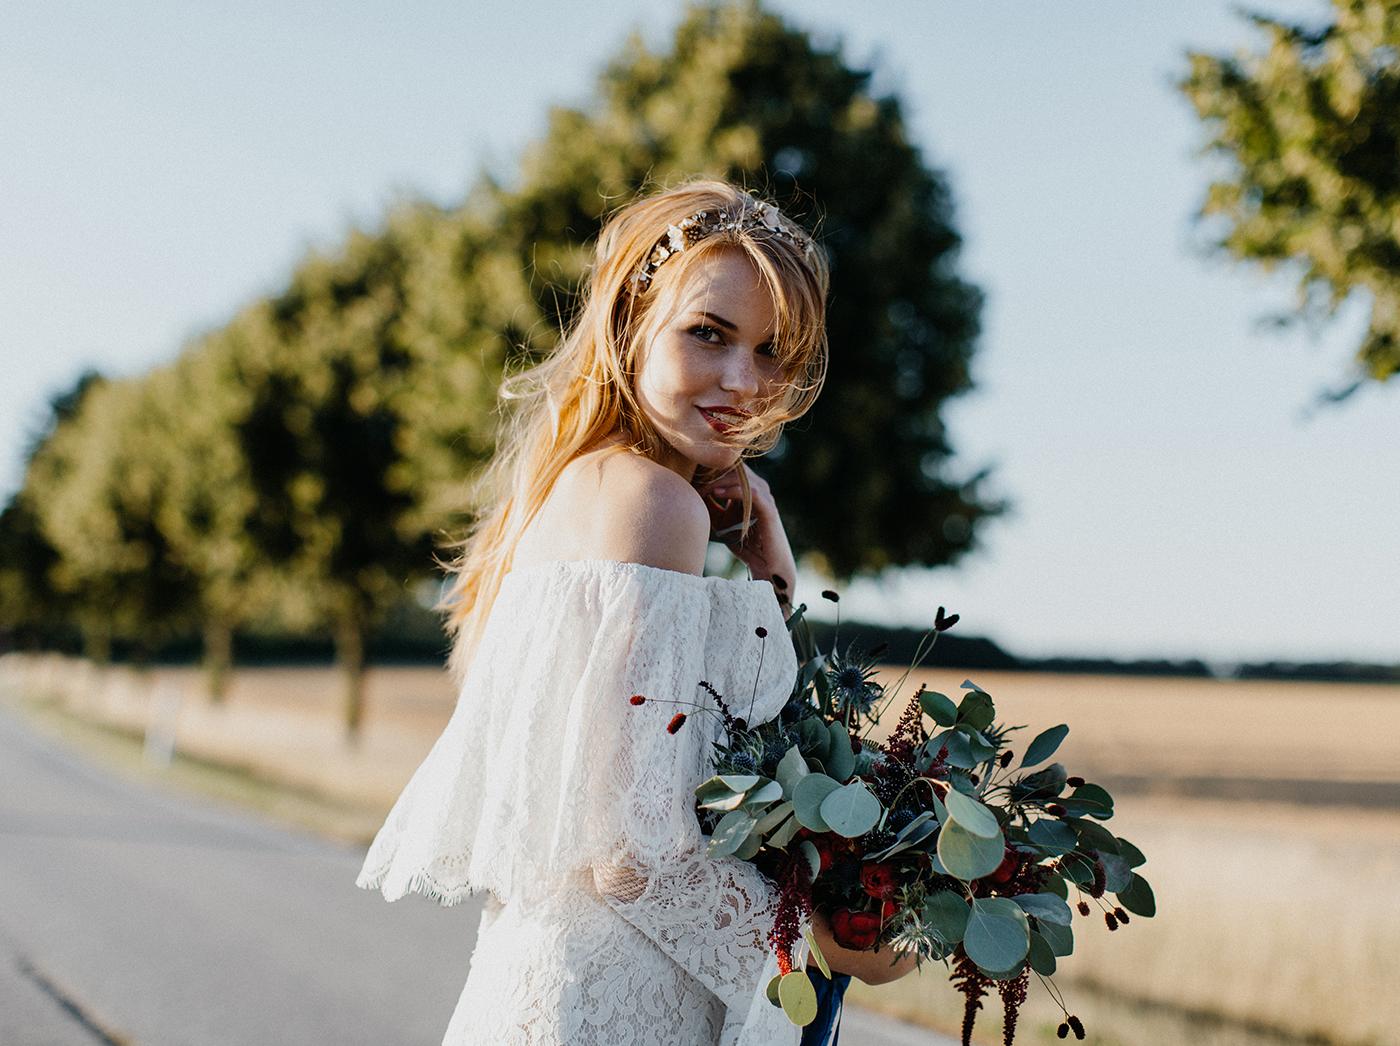 Traumanufaktur_Hochzeitsspeicher_an_der_Elbe_hamburg_Boitzenburg_39.jpg